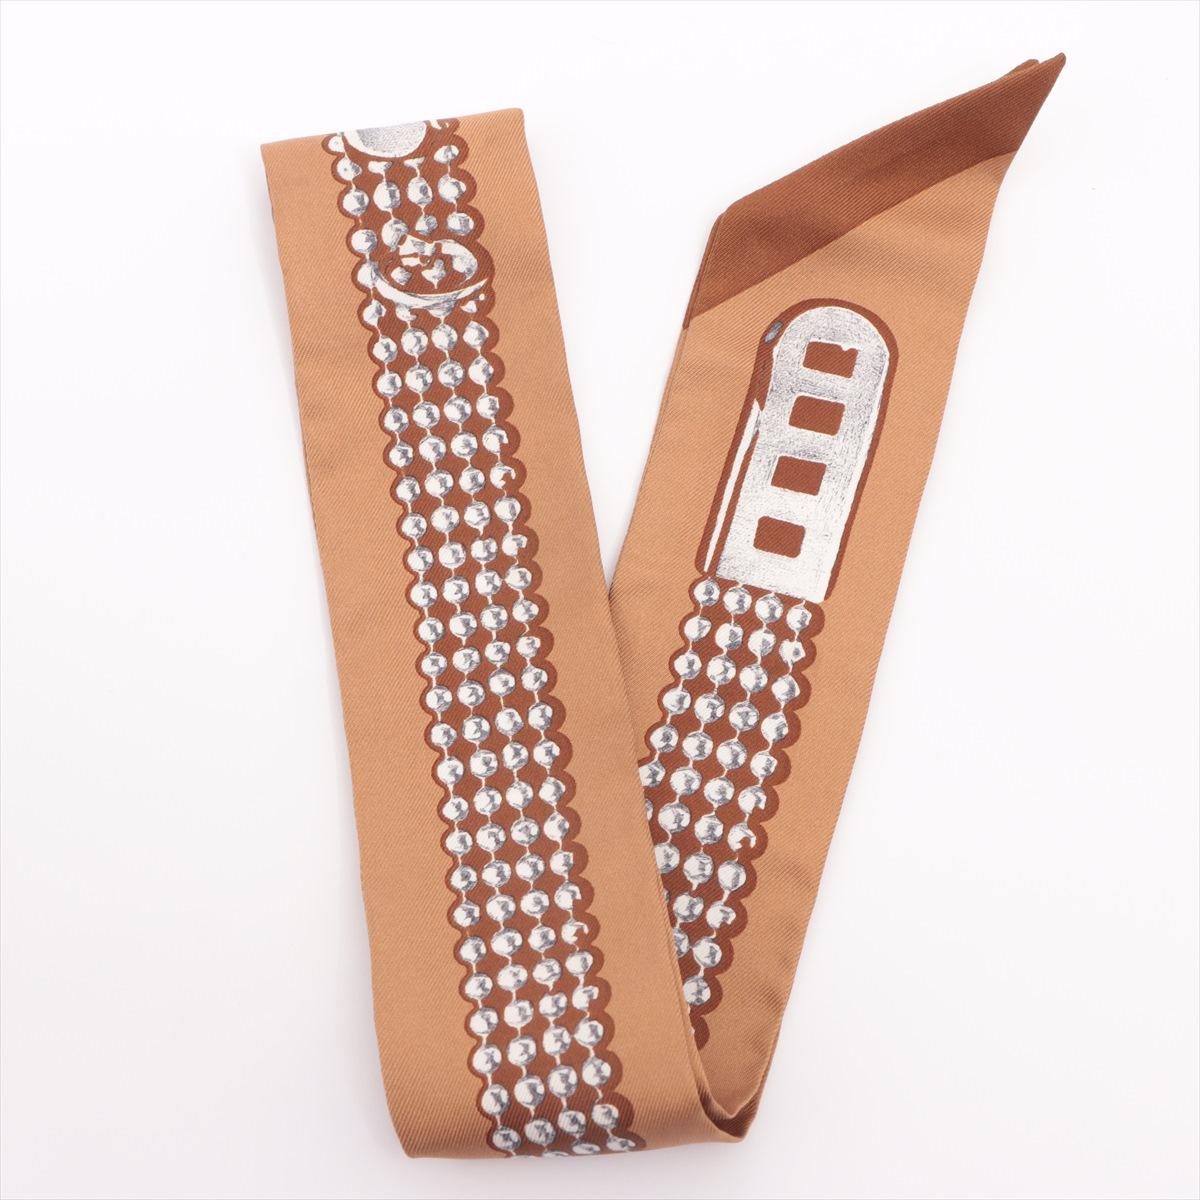 中古 エルメス ツイリー LE オリジナル ストア TRESOR DE MEDOR スカーフ ドゥ ブラウン メドール トレゾール シルク